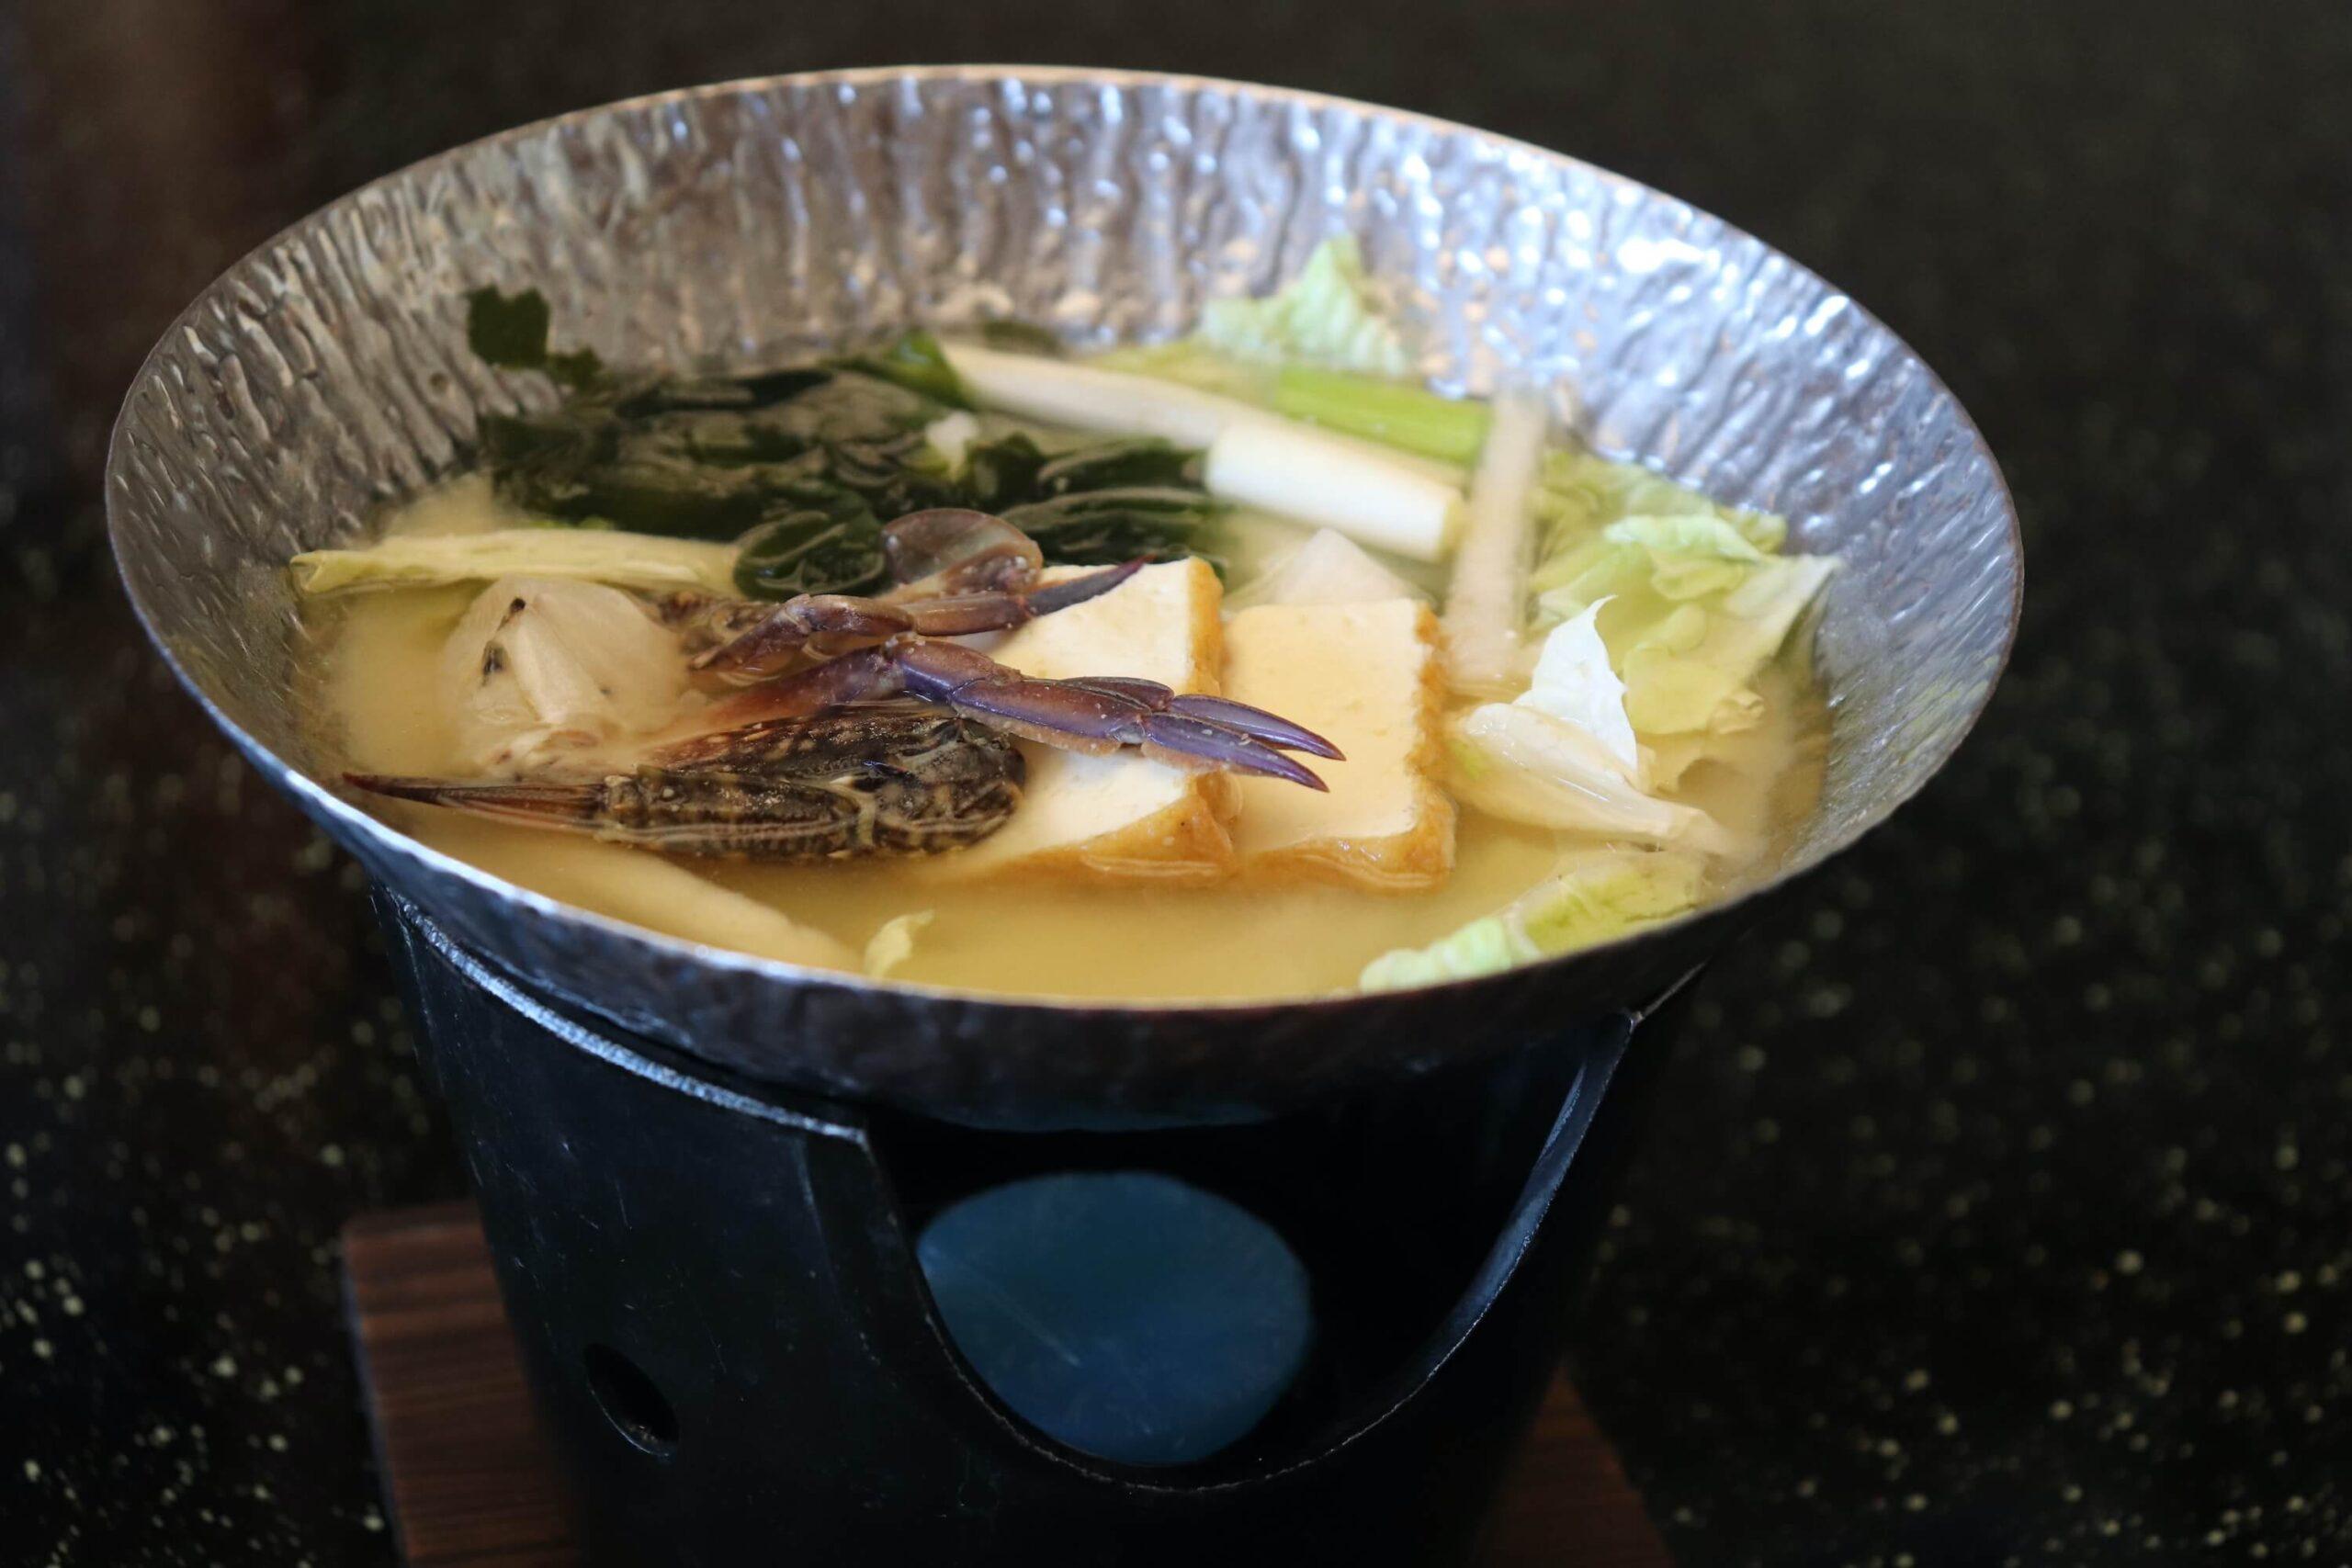 粋松亭の朝食の渡蟹の味噌汁